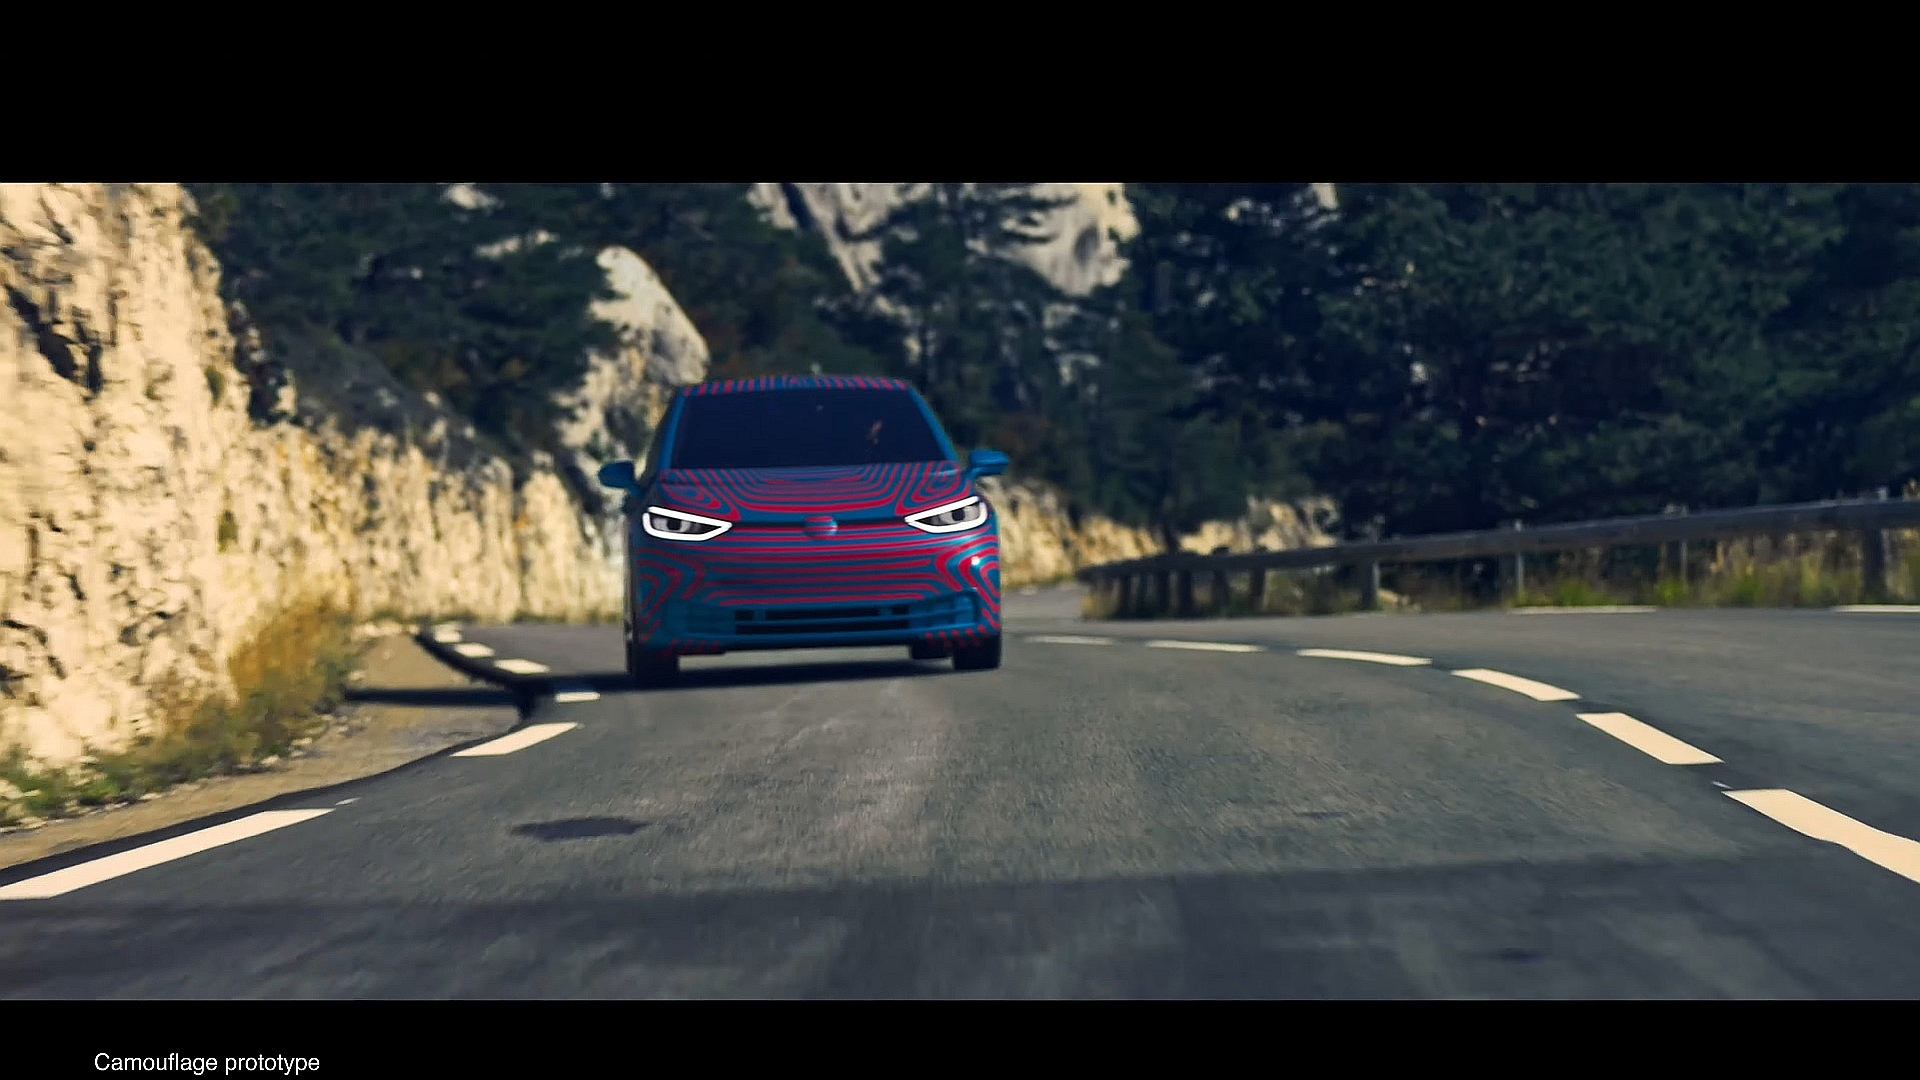 Το ηλεκτρικό volkswagen id3 αποκαλύπτεται  autobloggr